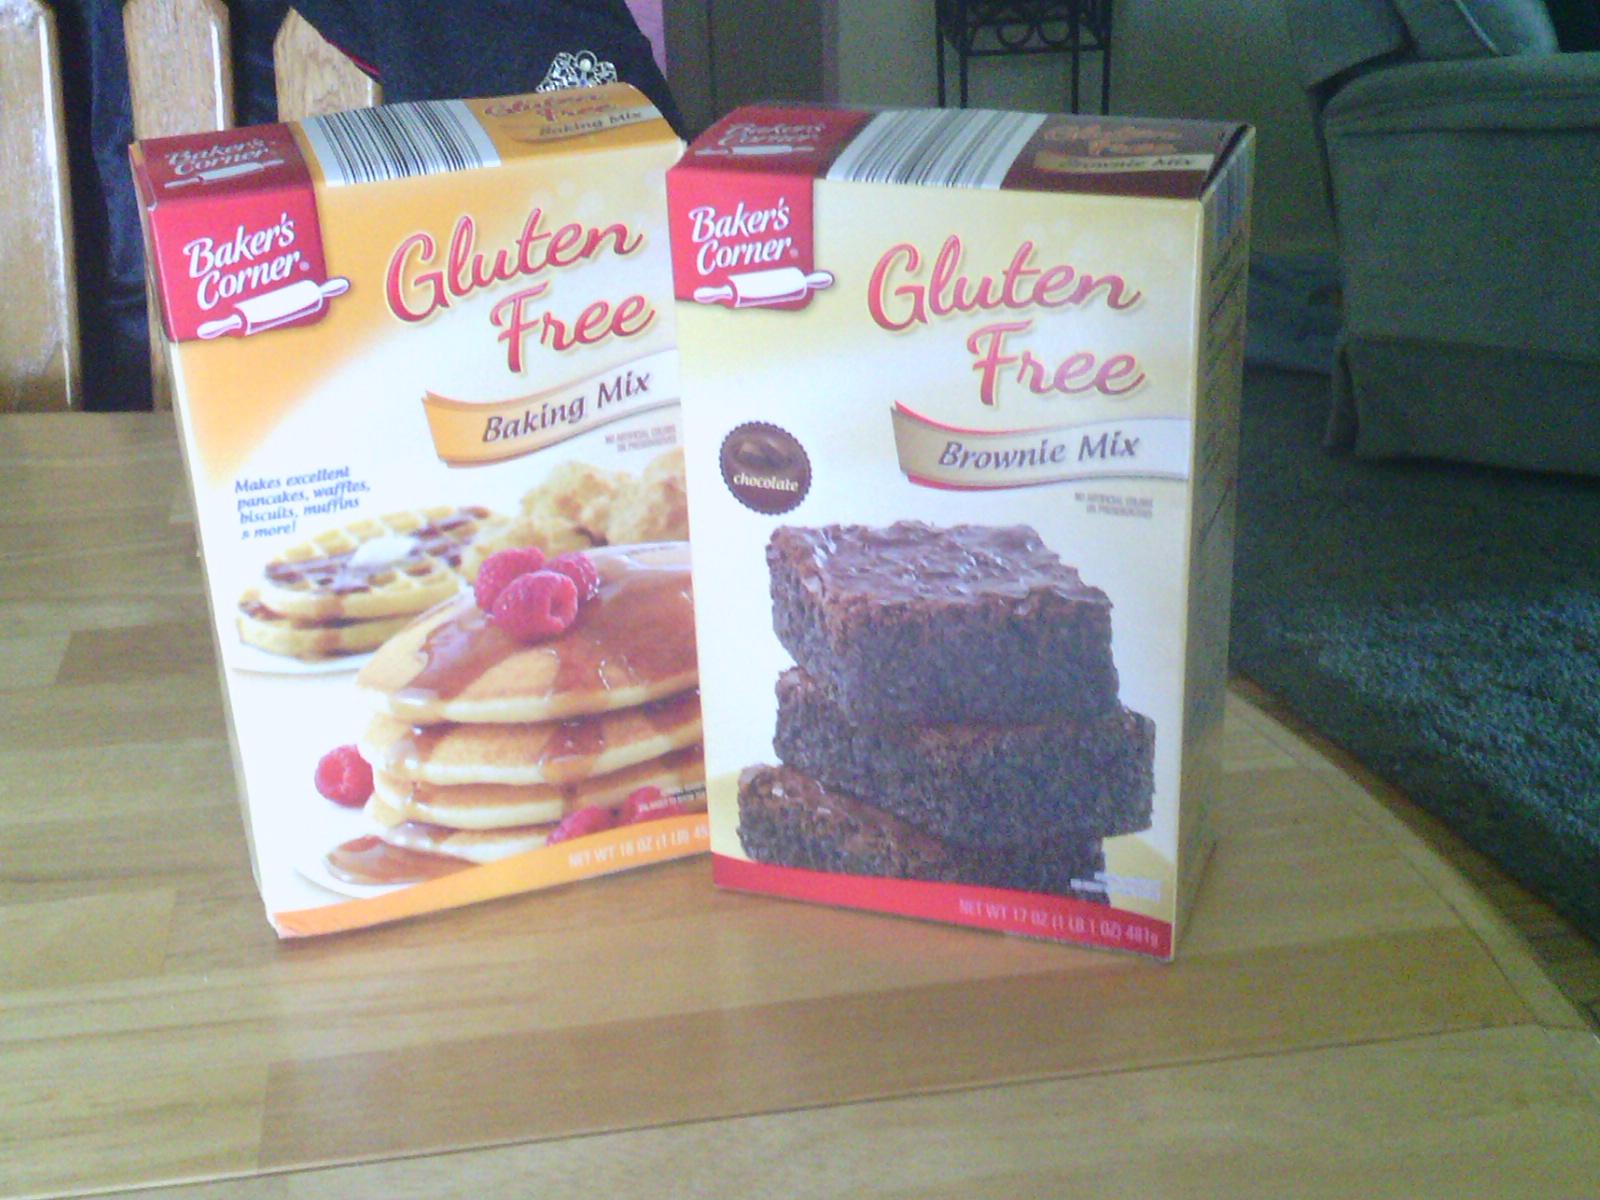 Aldi Gluten Free Baking Mix